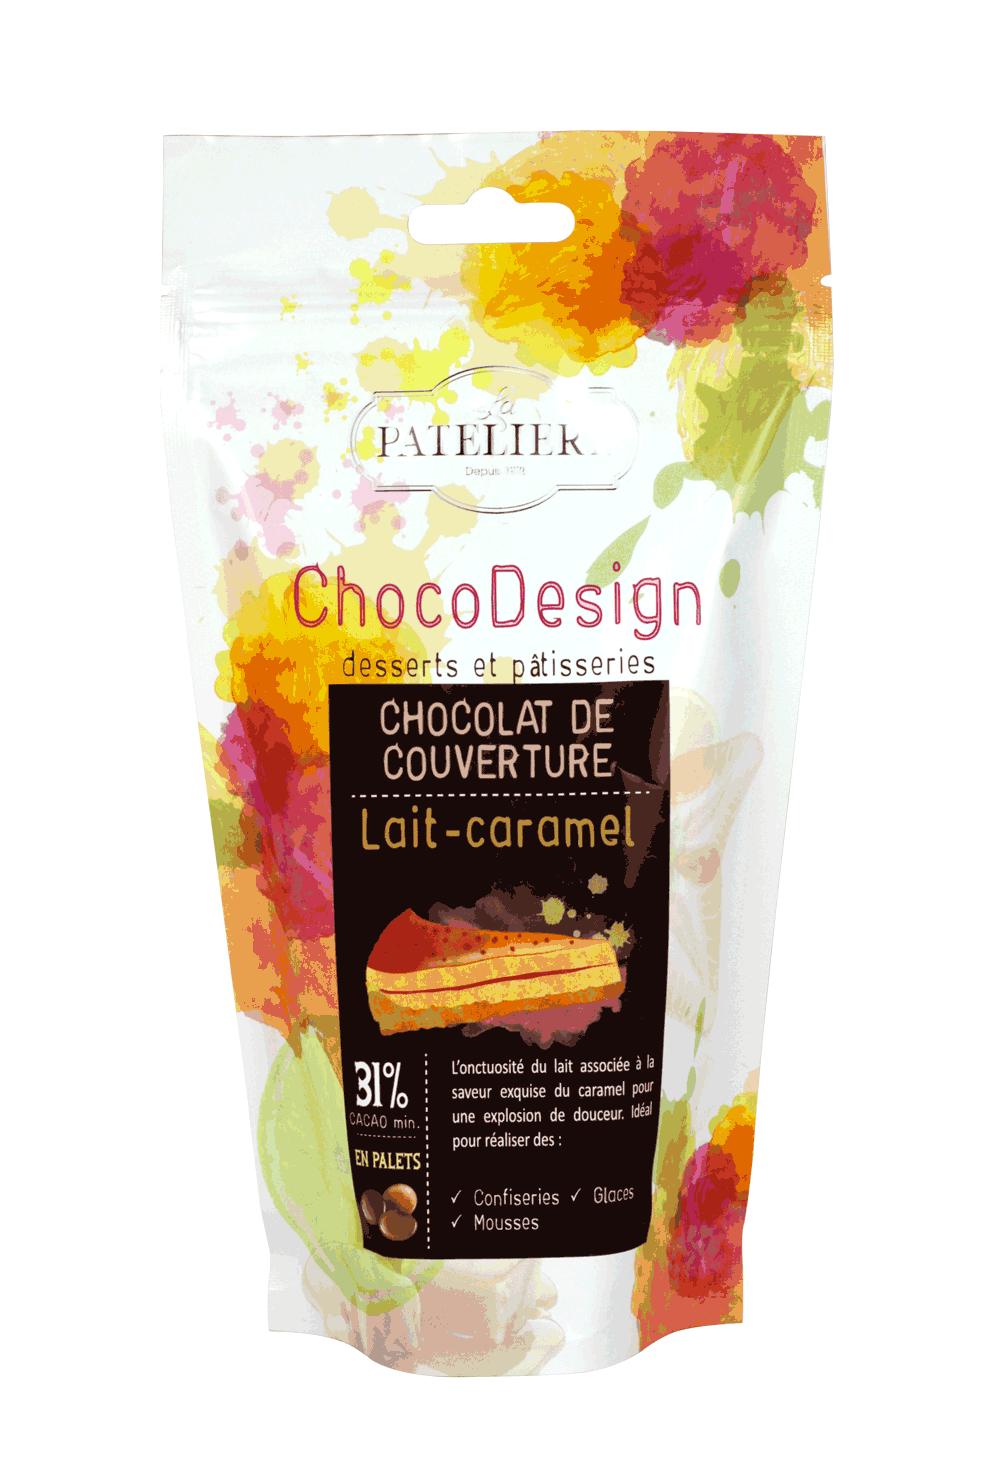 palets chocolat couverture lait caramel à pâtisser chocodesign LA PATELIERE